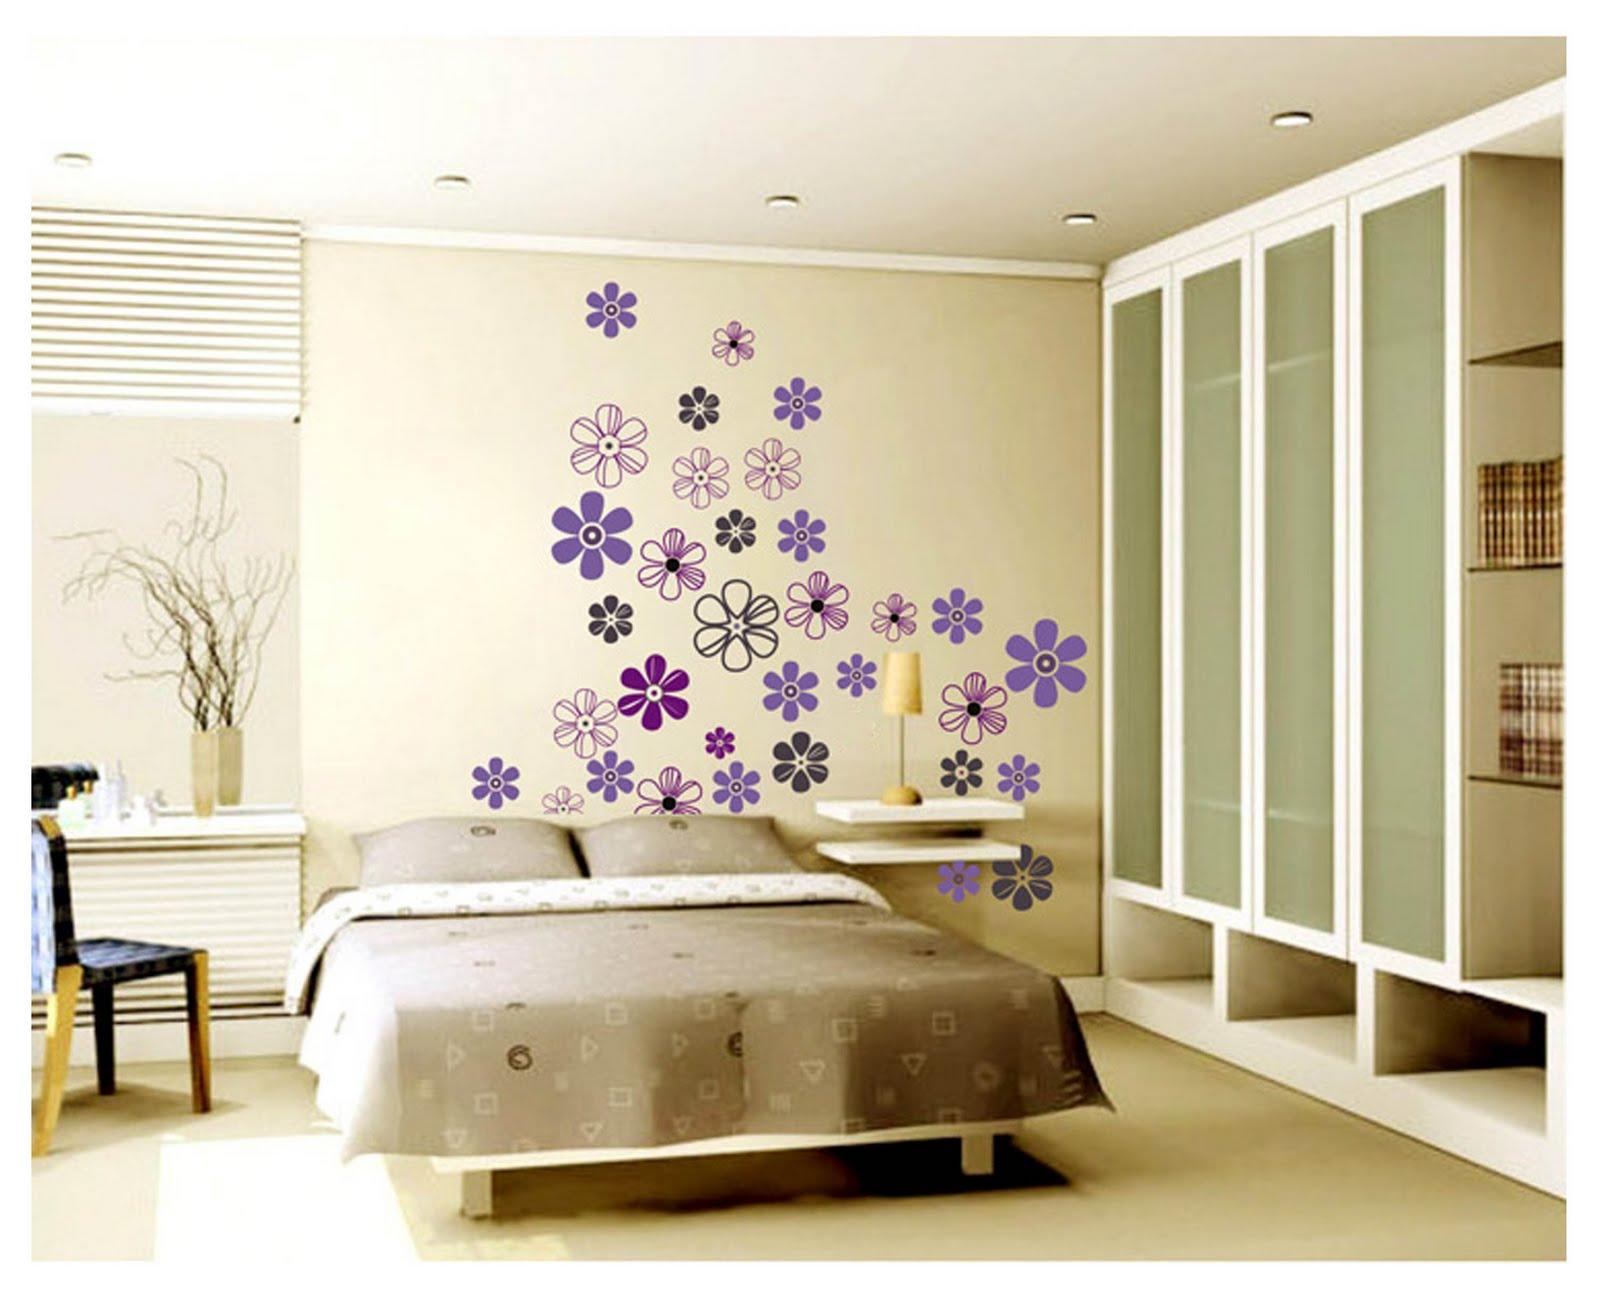 http://3.bp.blogspot.com/-tulVU6gZVsM/T2v25H2olPI/AAAAAAAAAWA/KMX7iv2l7CE/s1600/dekorasi+kamar+remaja+perempuan-2.jpg